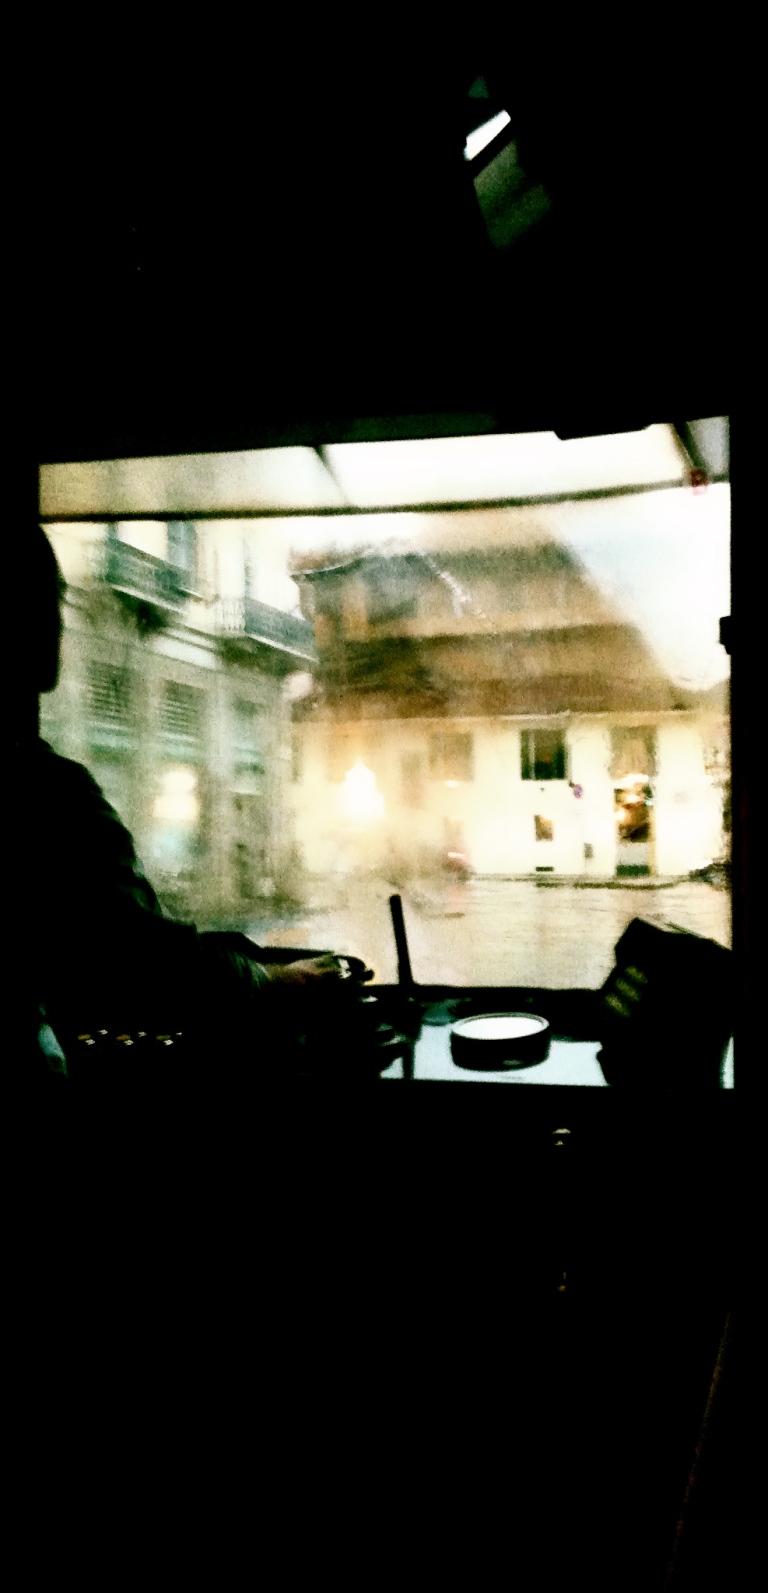 Riflessione su un Tram